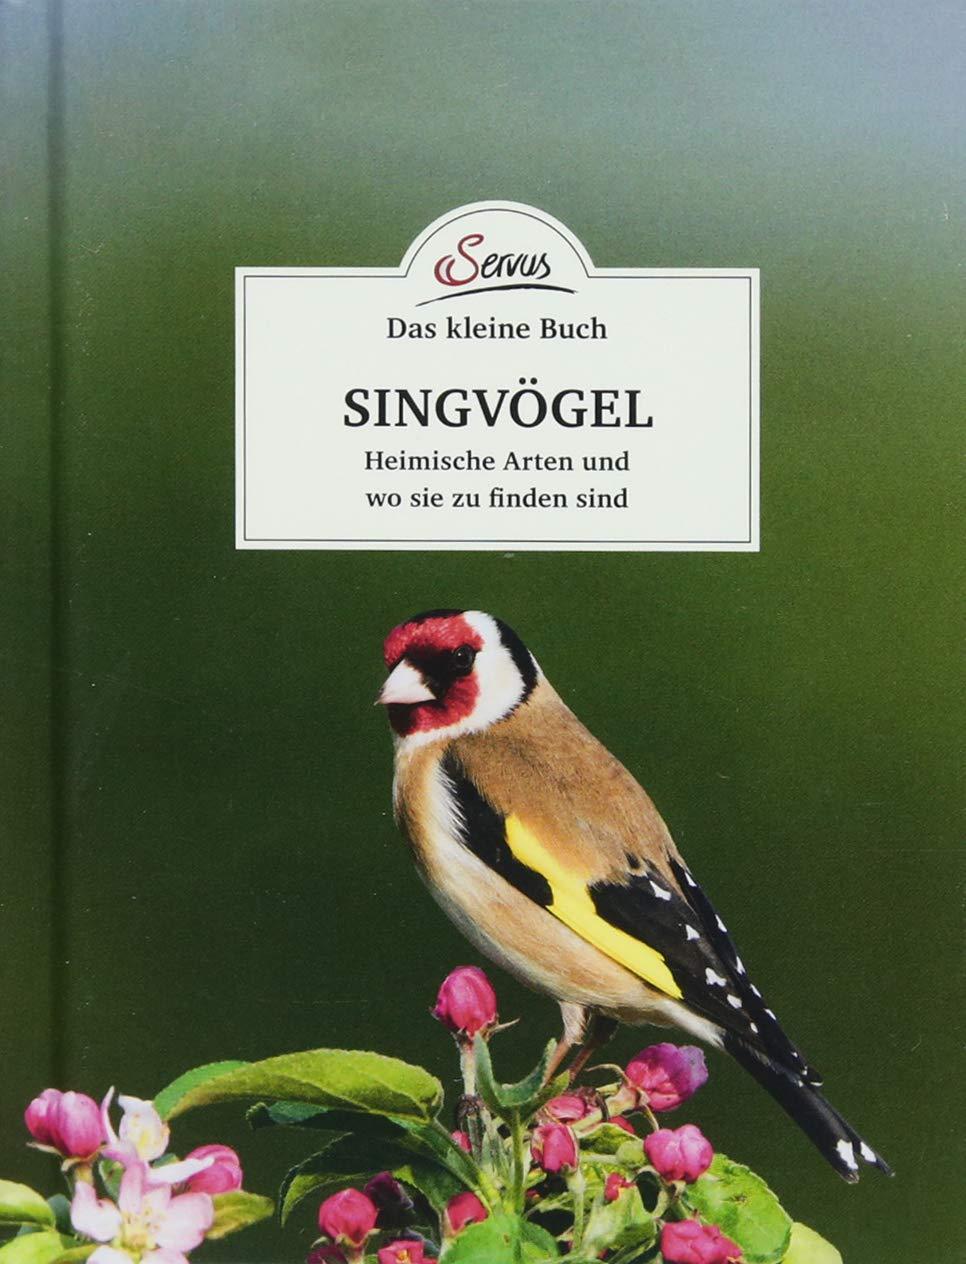 Das kleine Buch: Singvögel: Heimische Arten und wo sie zu finden sind